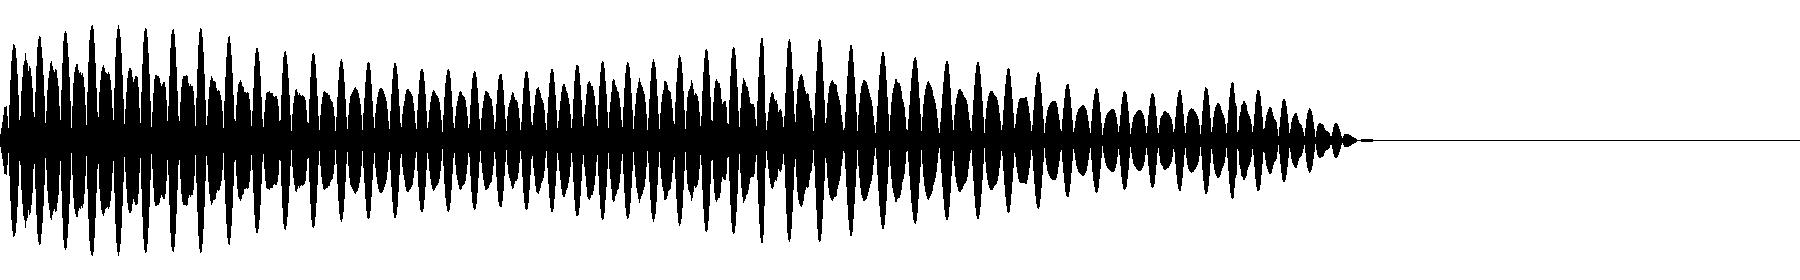 gia sound 14 c3